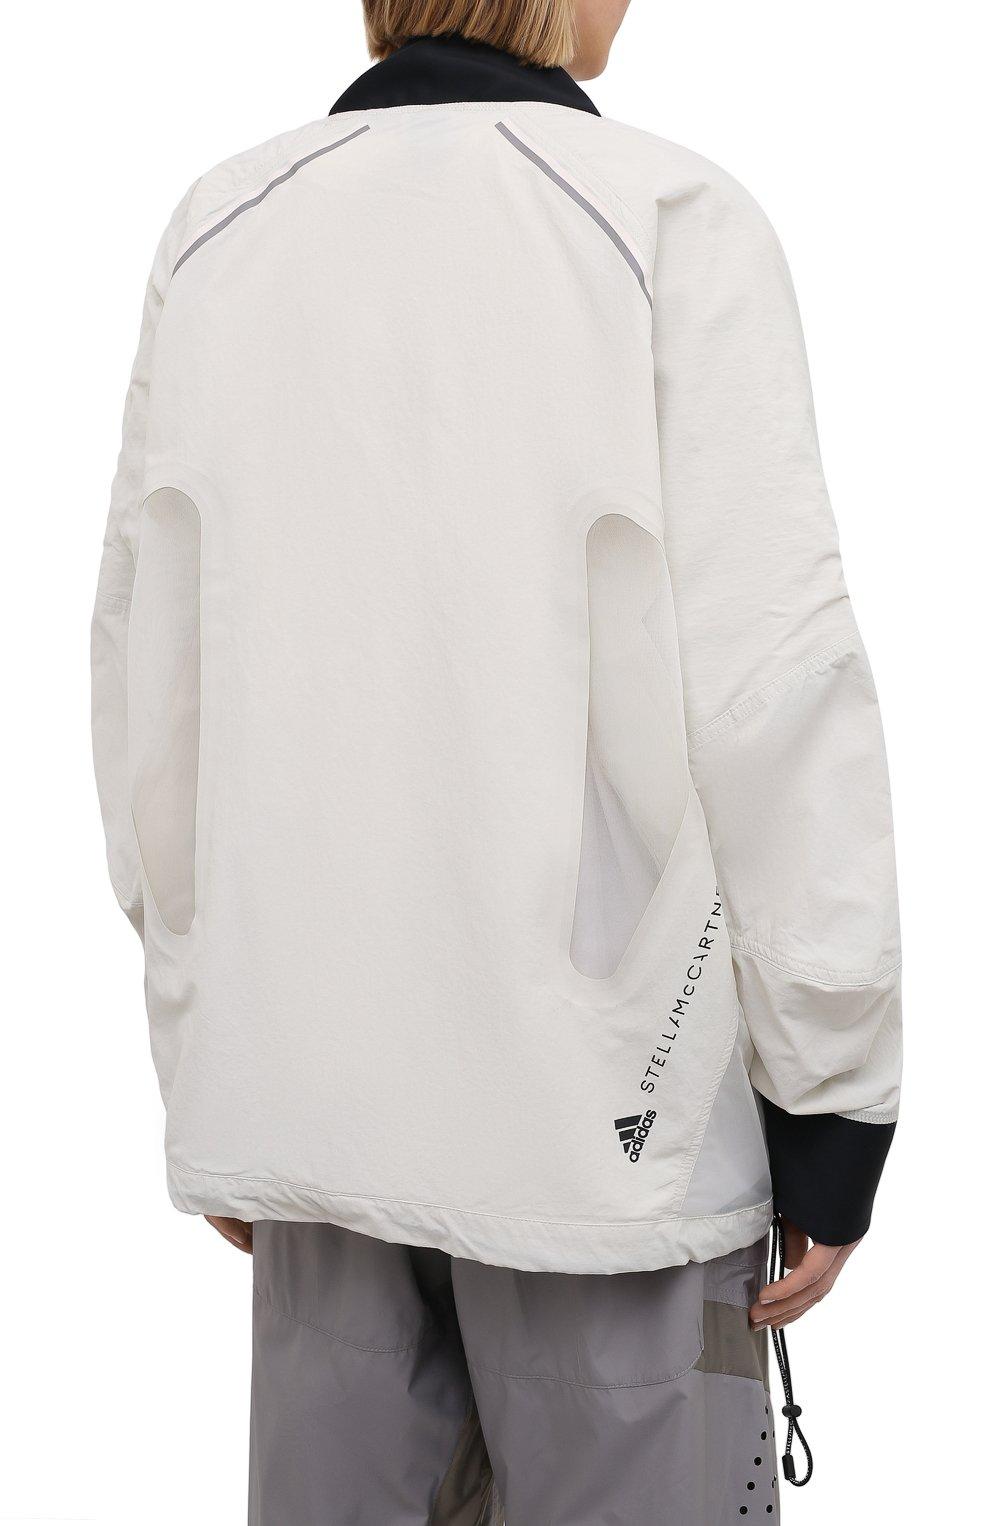 Женская ветровка ADIDAS BY STELLA MCCARTNEY серого цвета, арт. GL7630 | Фото 4 (Кросс-КТ: Куртка, Ветровка; Рукава: Длинные; Женское Кросс-КТ: Куртка-спорт; Материал внешний: Синтетический материал; Стили: Спорт-шик; Длина (верхняя одежда): Короткие)